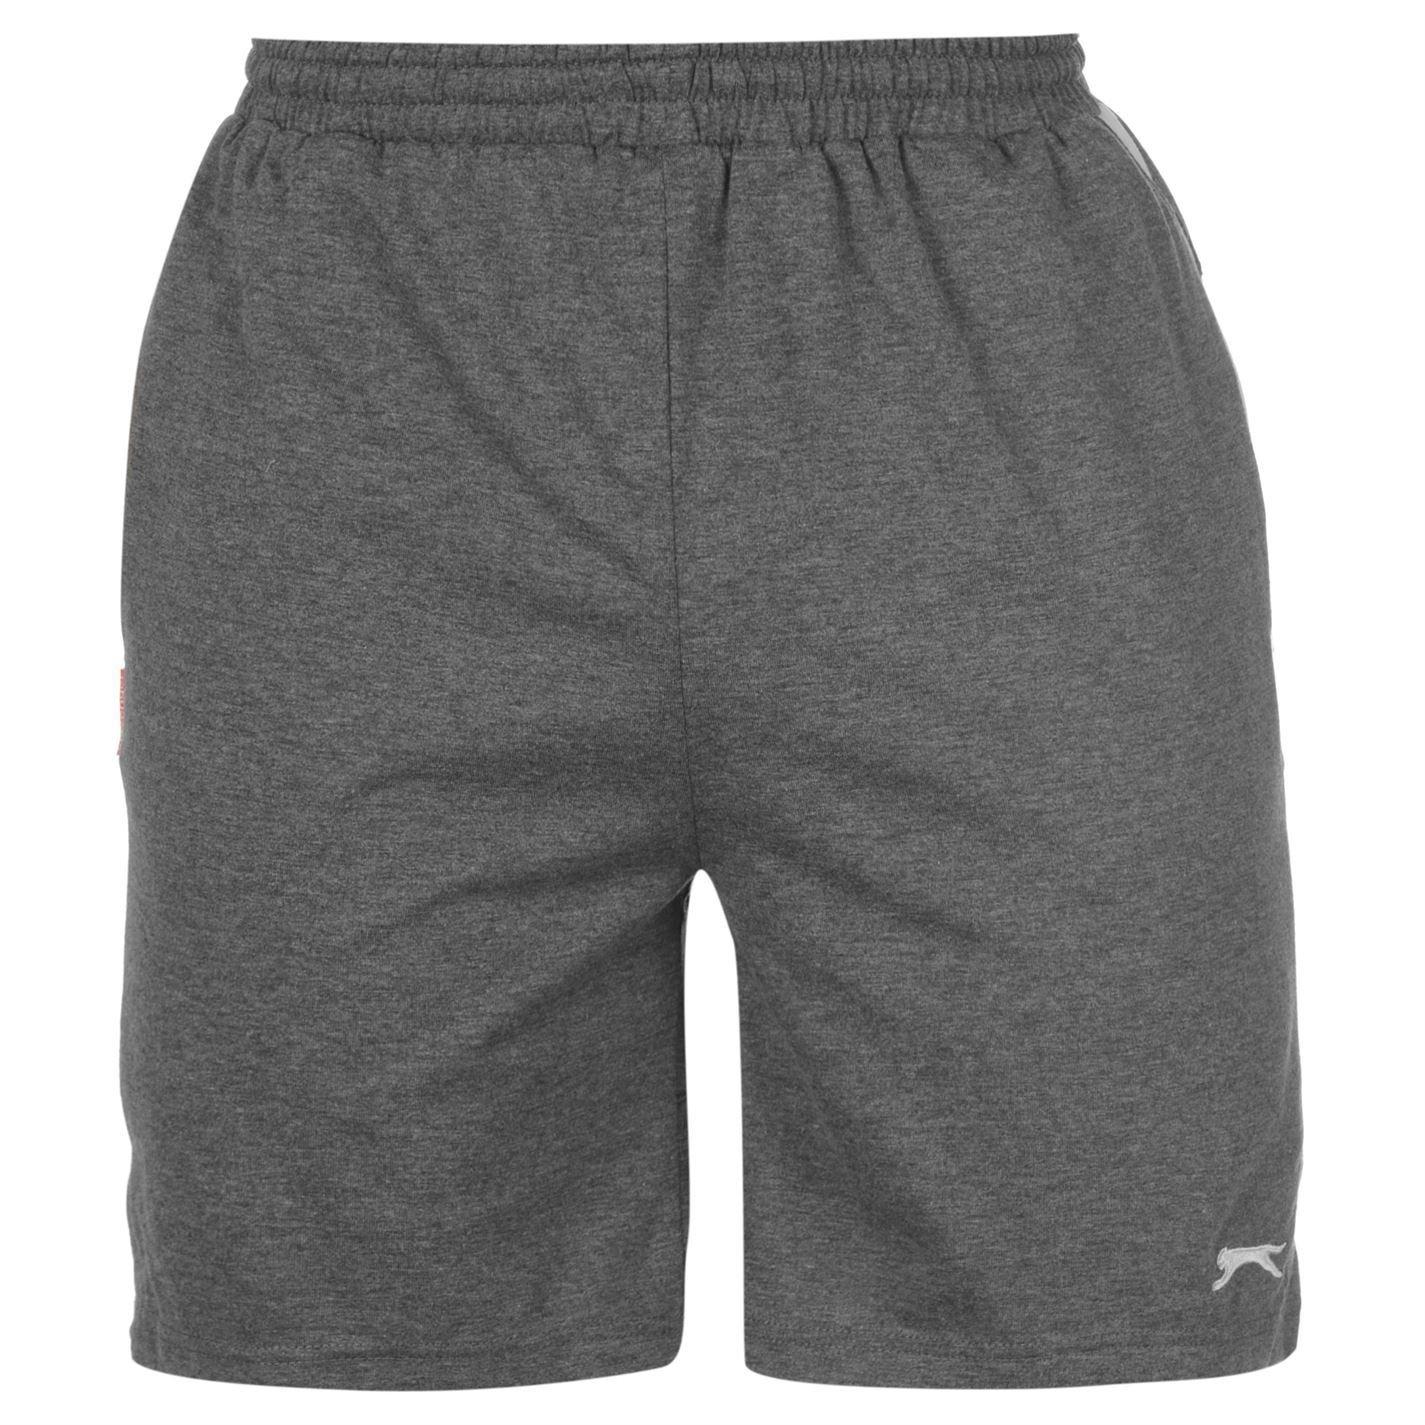 2104250cae1 Slazenger Jersey Short Mens Charcoal MARL XX Large  Amazon.co.uk  Clothing